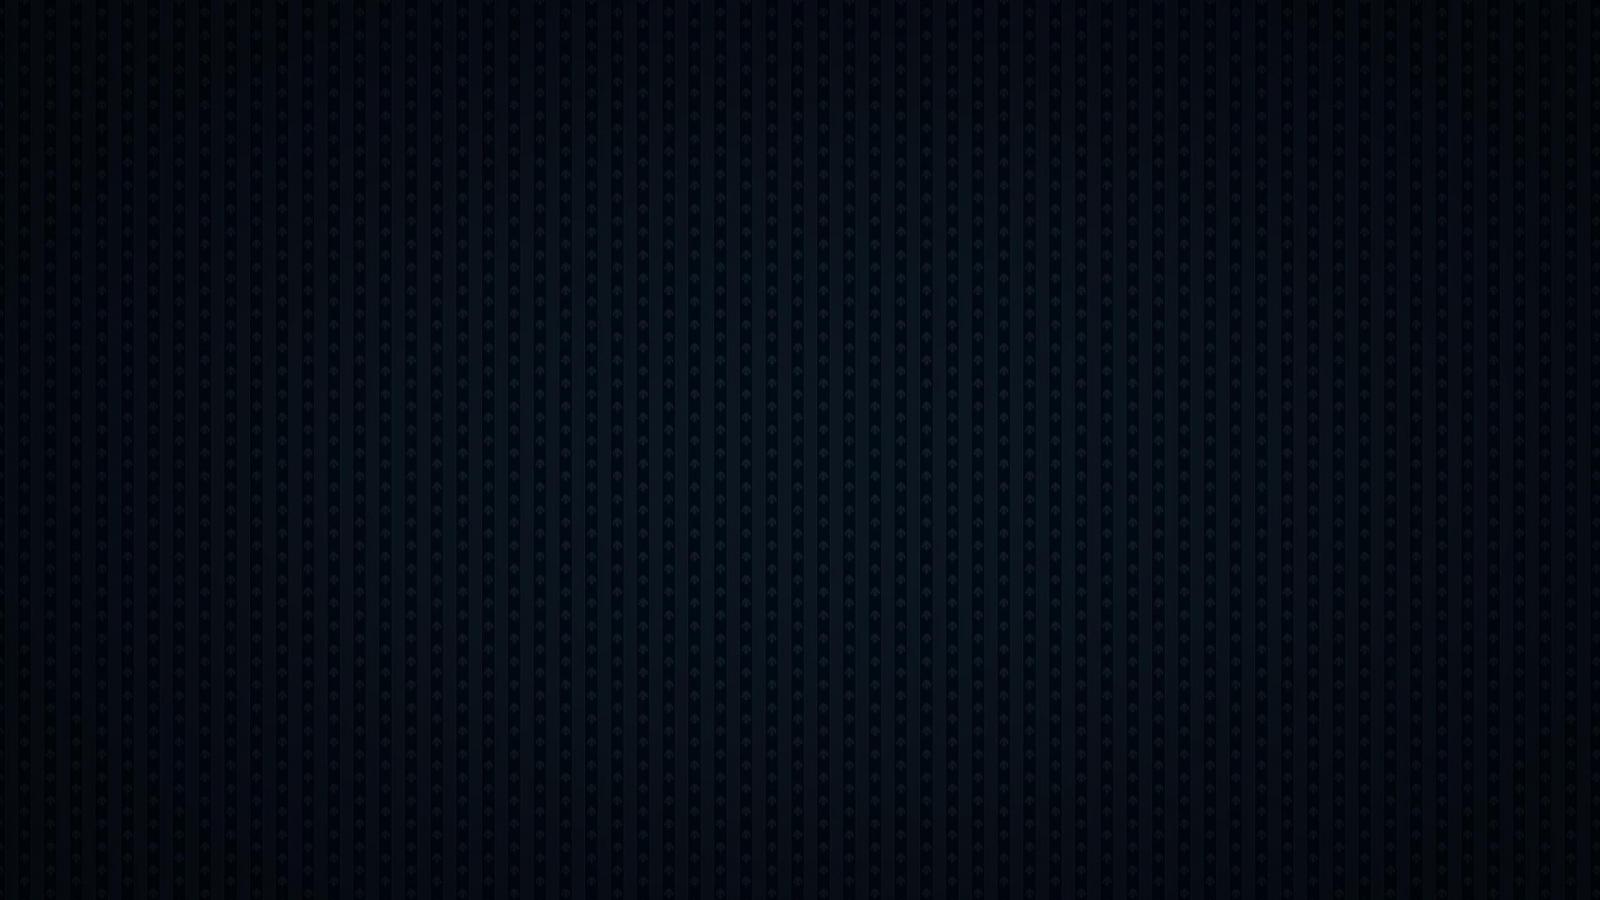 Dark Blue Wallpapers HD - WallpaperSafari